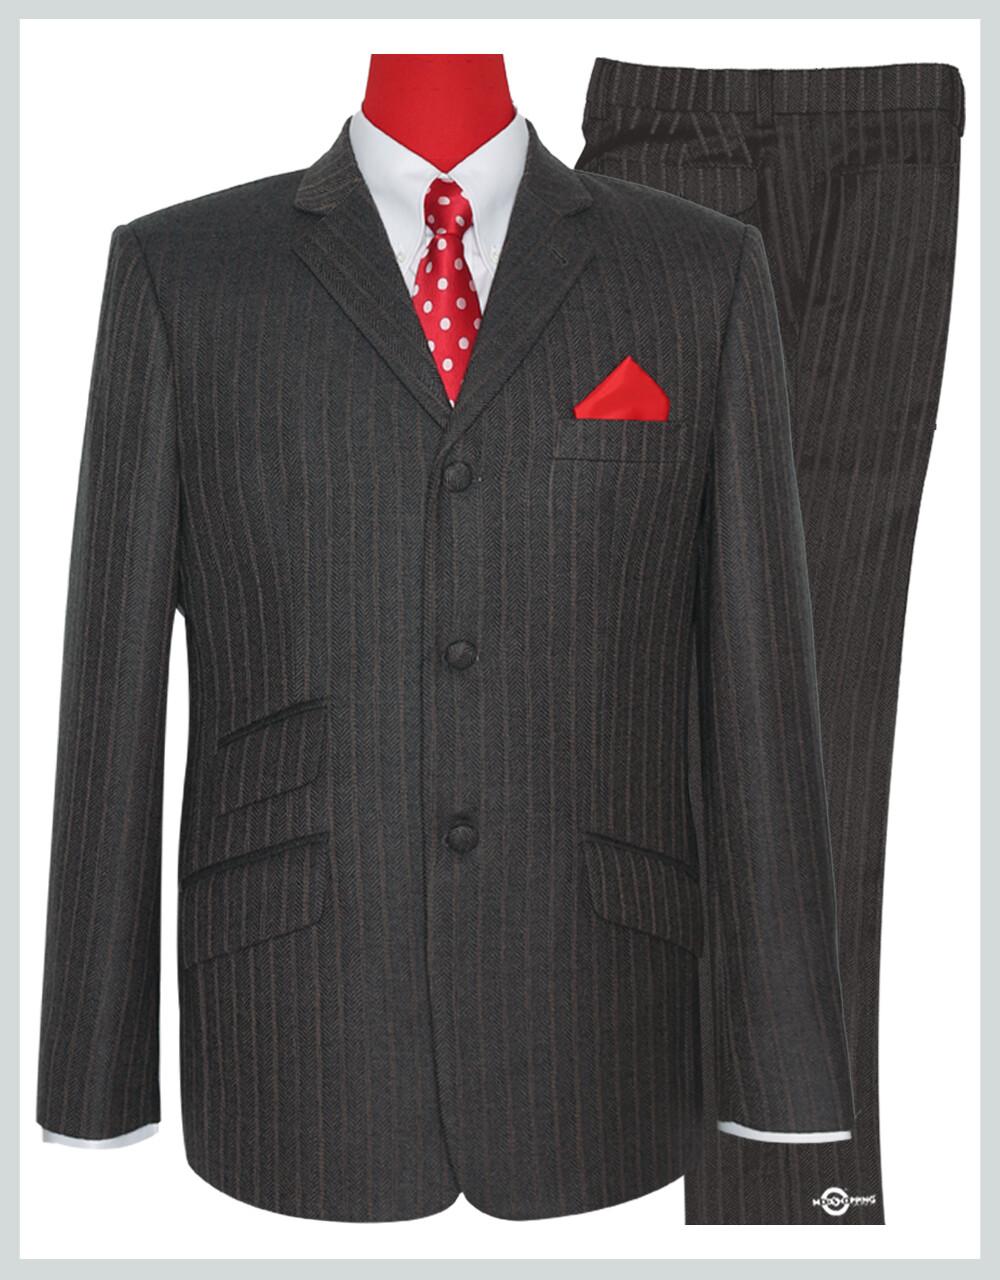 Mod Tweed Suit | Brown Grey Color Herring Bone Suit